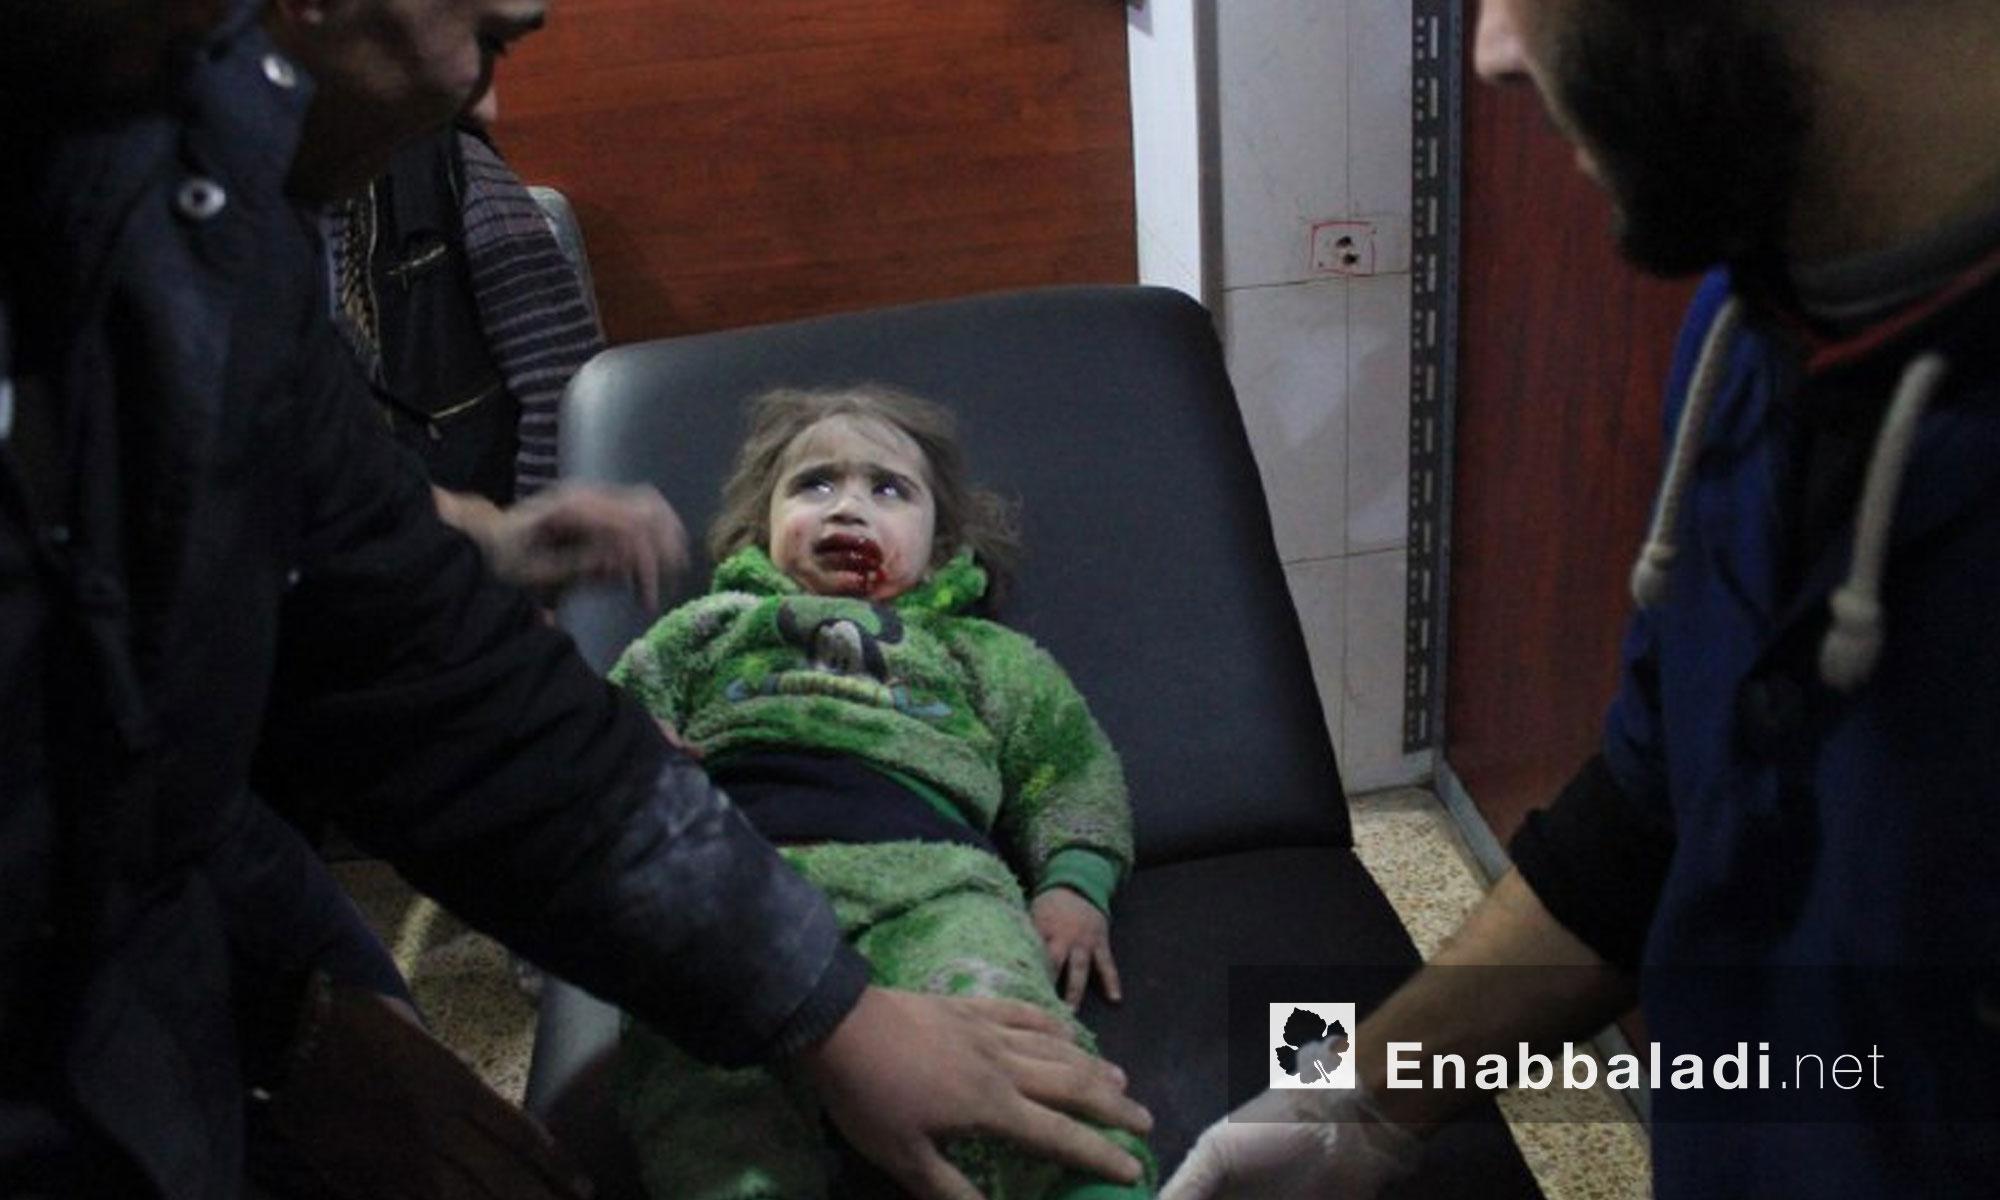 أطفال جرحى جراء القصف على بلدة حمورية في الغوطة الشرقية - 9 من كانون الثاني 2018 (عنب بلدي)